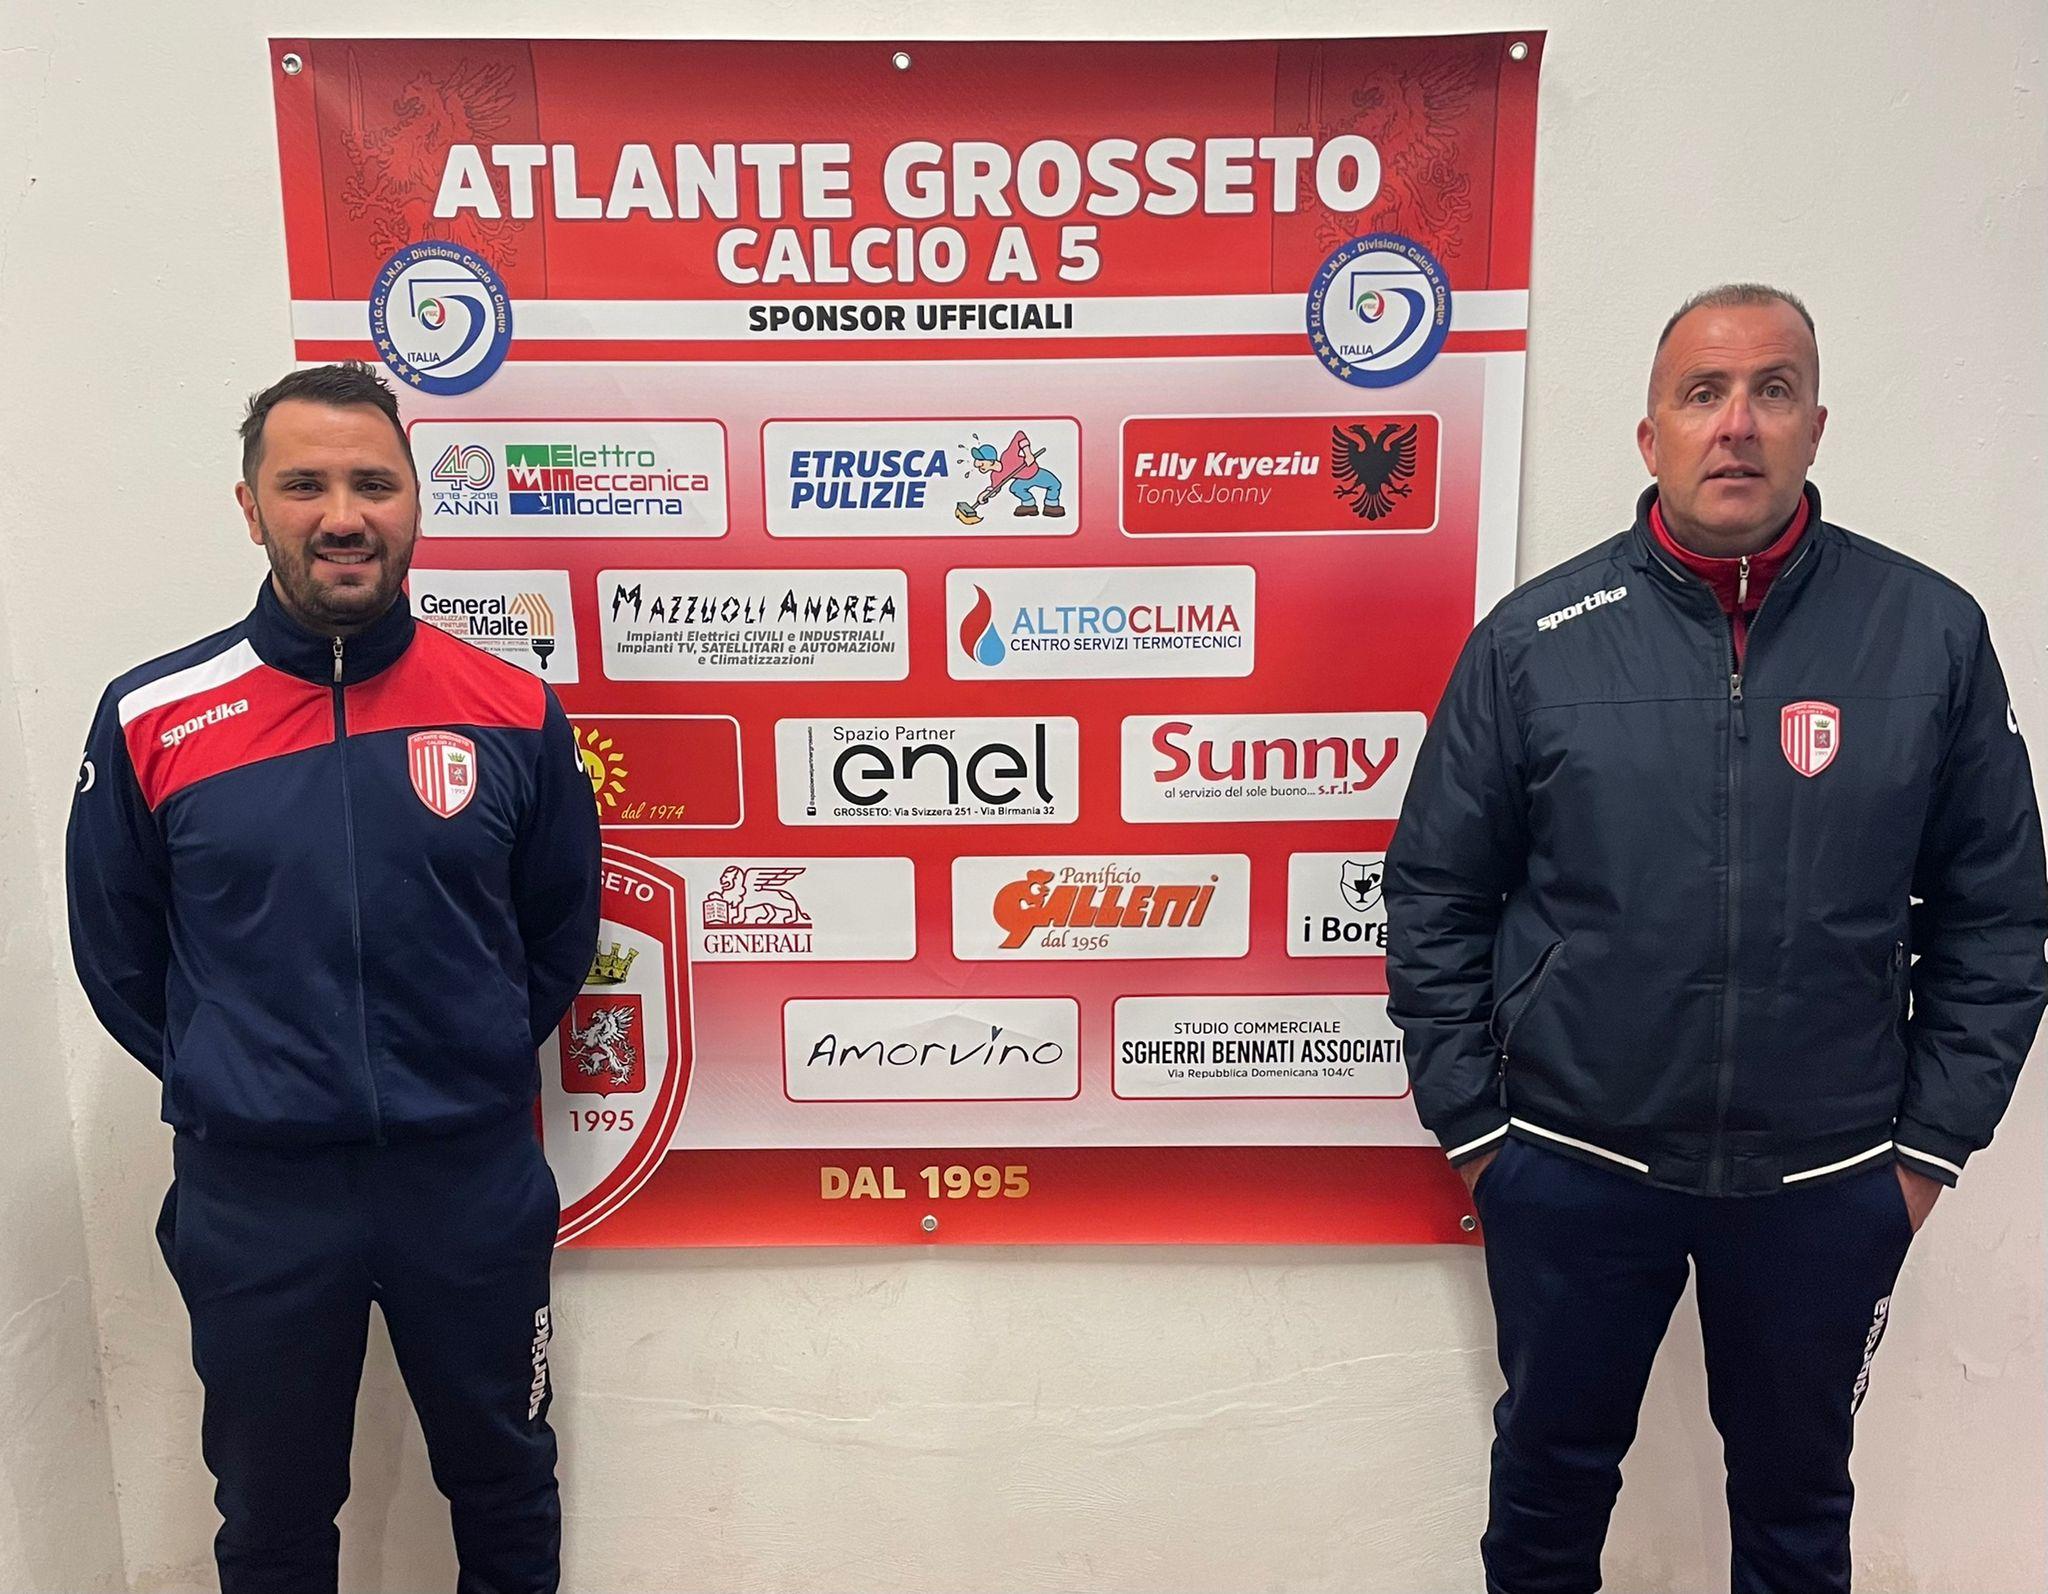 Atlante Grosseto